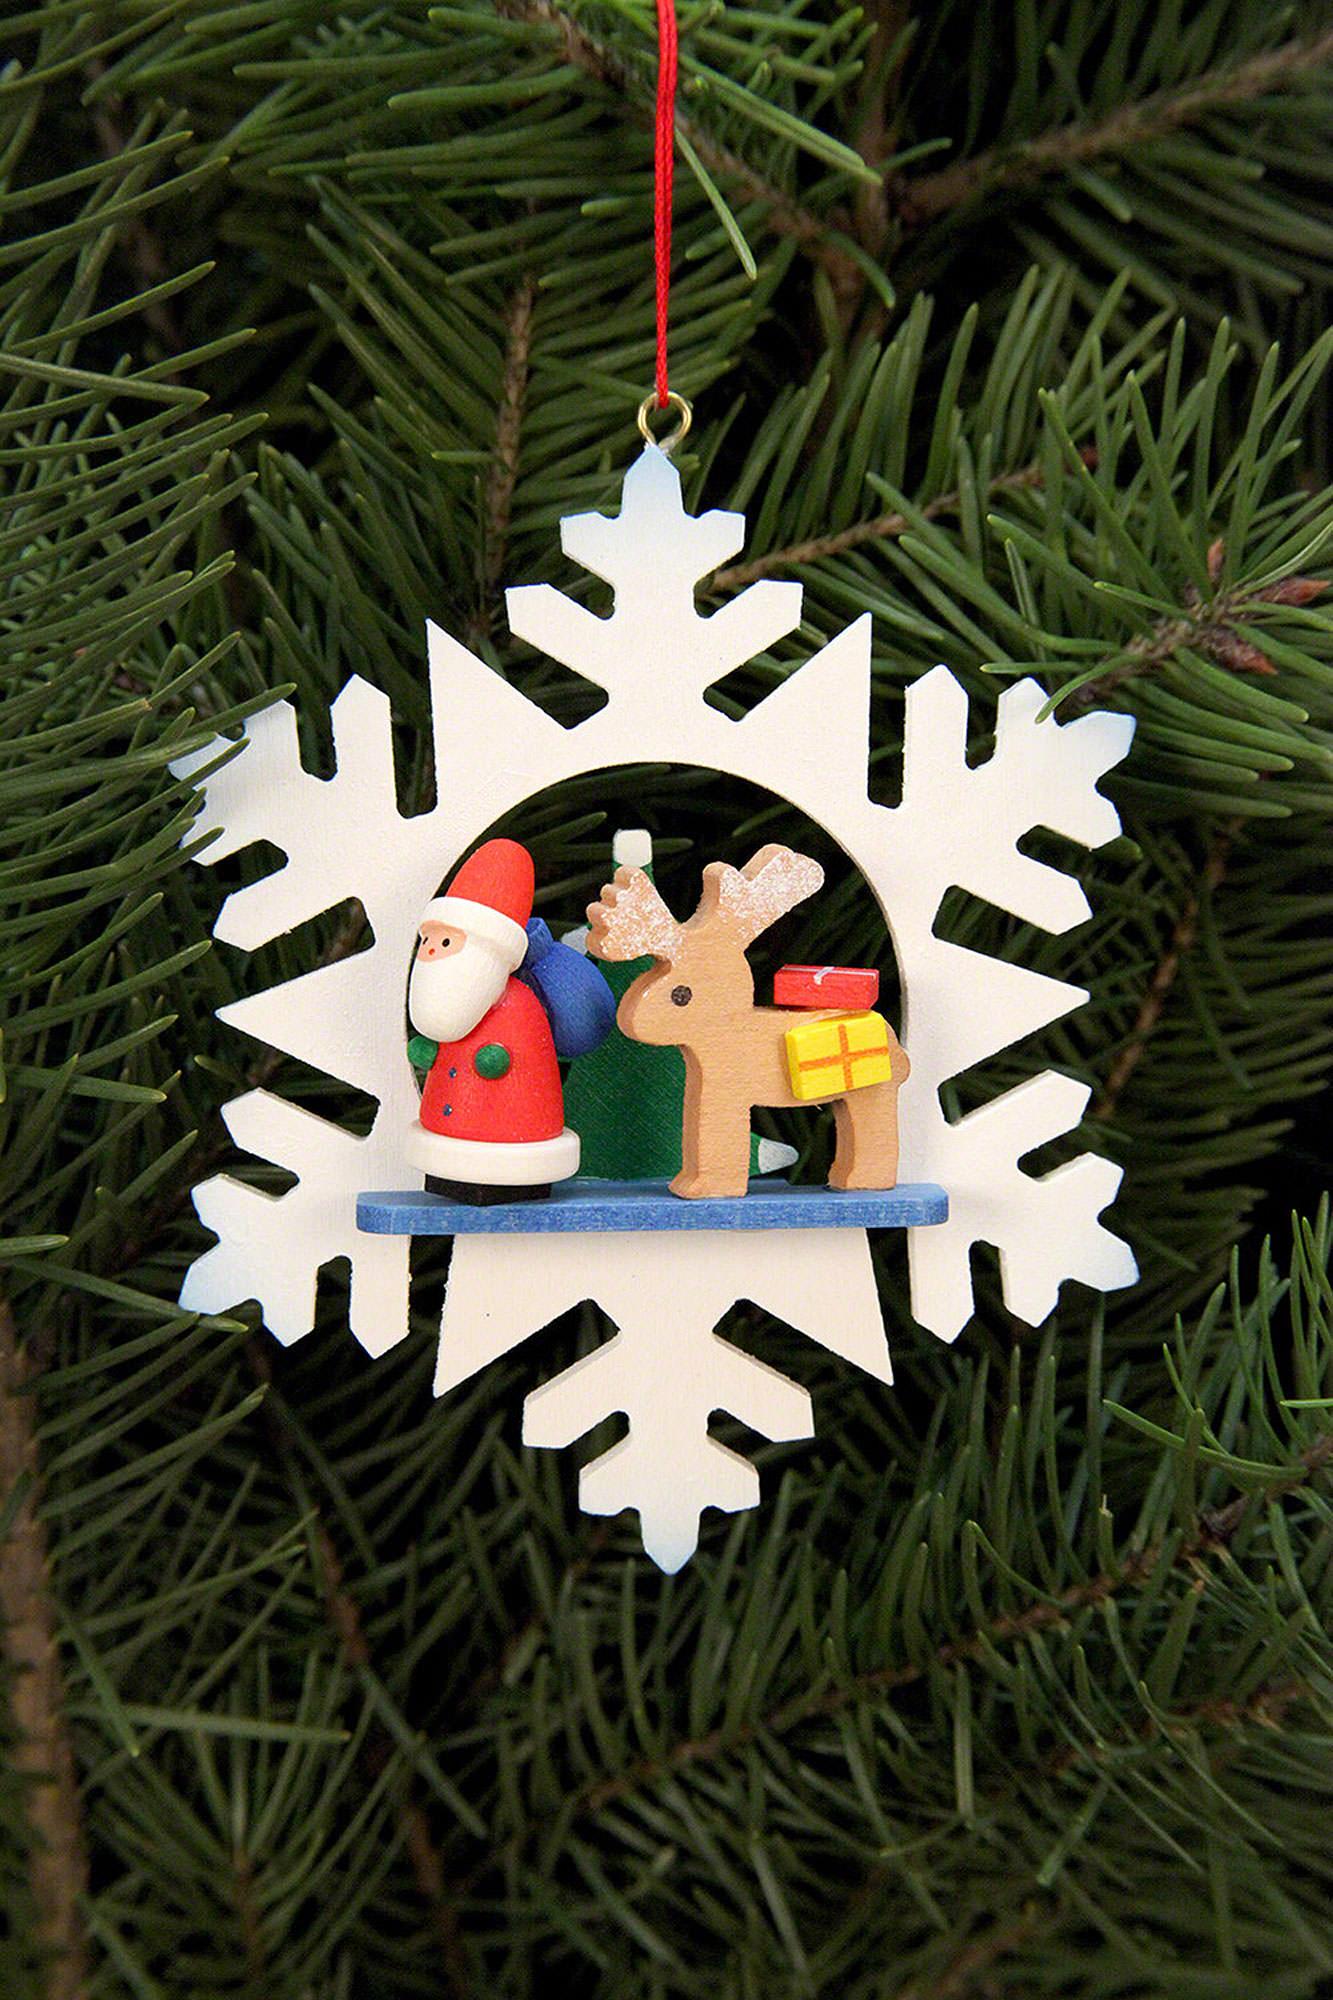 Christbaumschmuck Schneeflocke Weihnachtsmann Mit Rentier 9 9 Cm